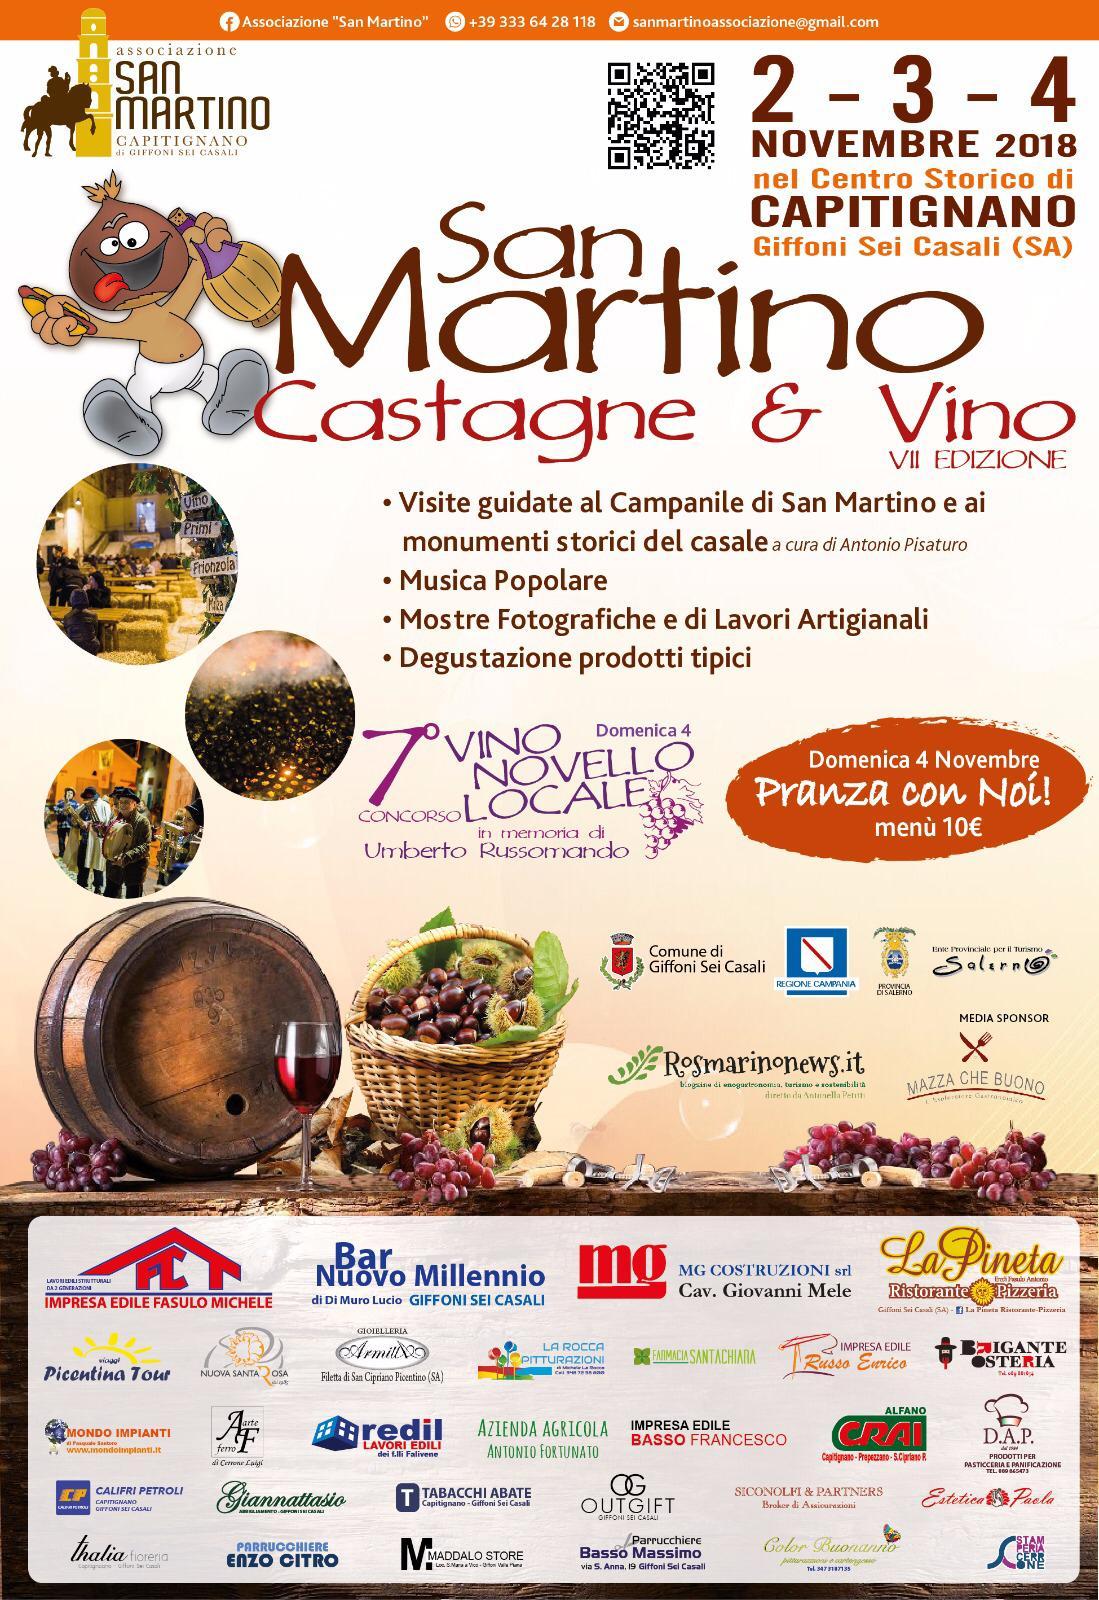 SAN MARTINO CASTAGNE & VINO 2-3-4 NOVEMBRE 2018